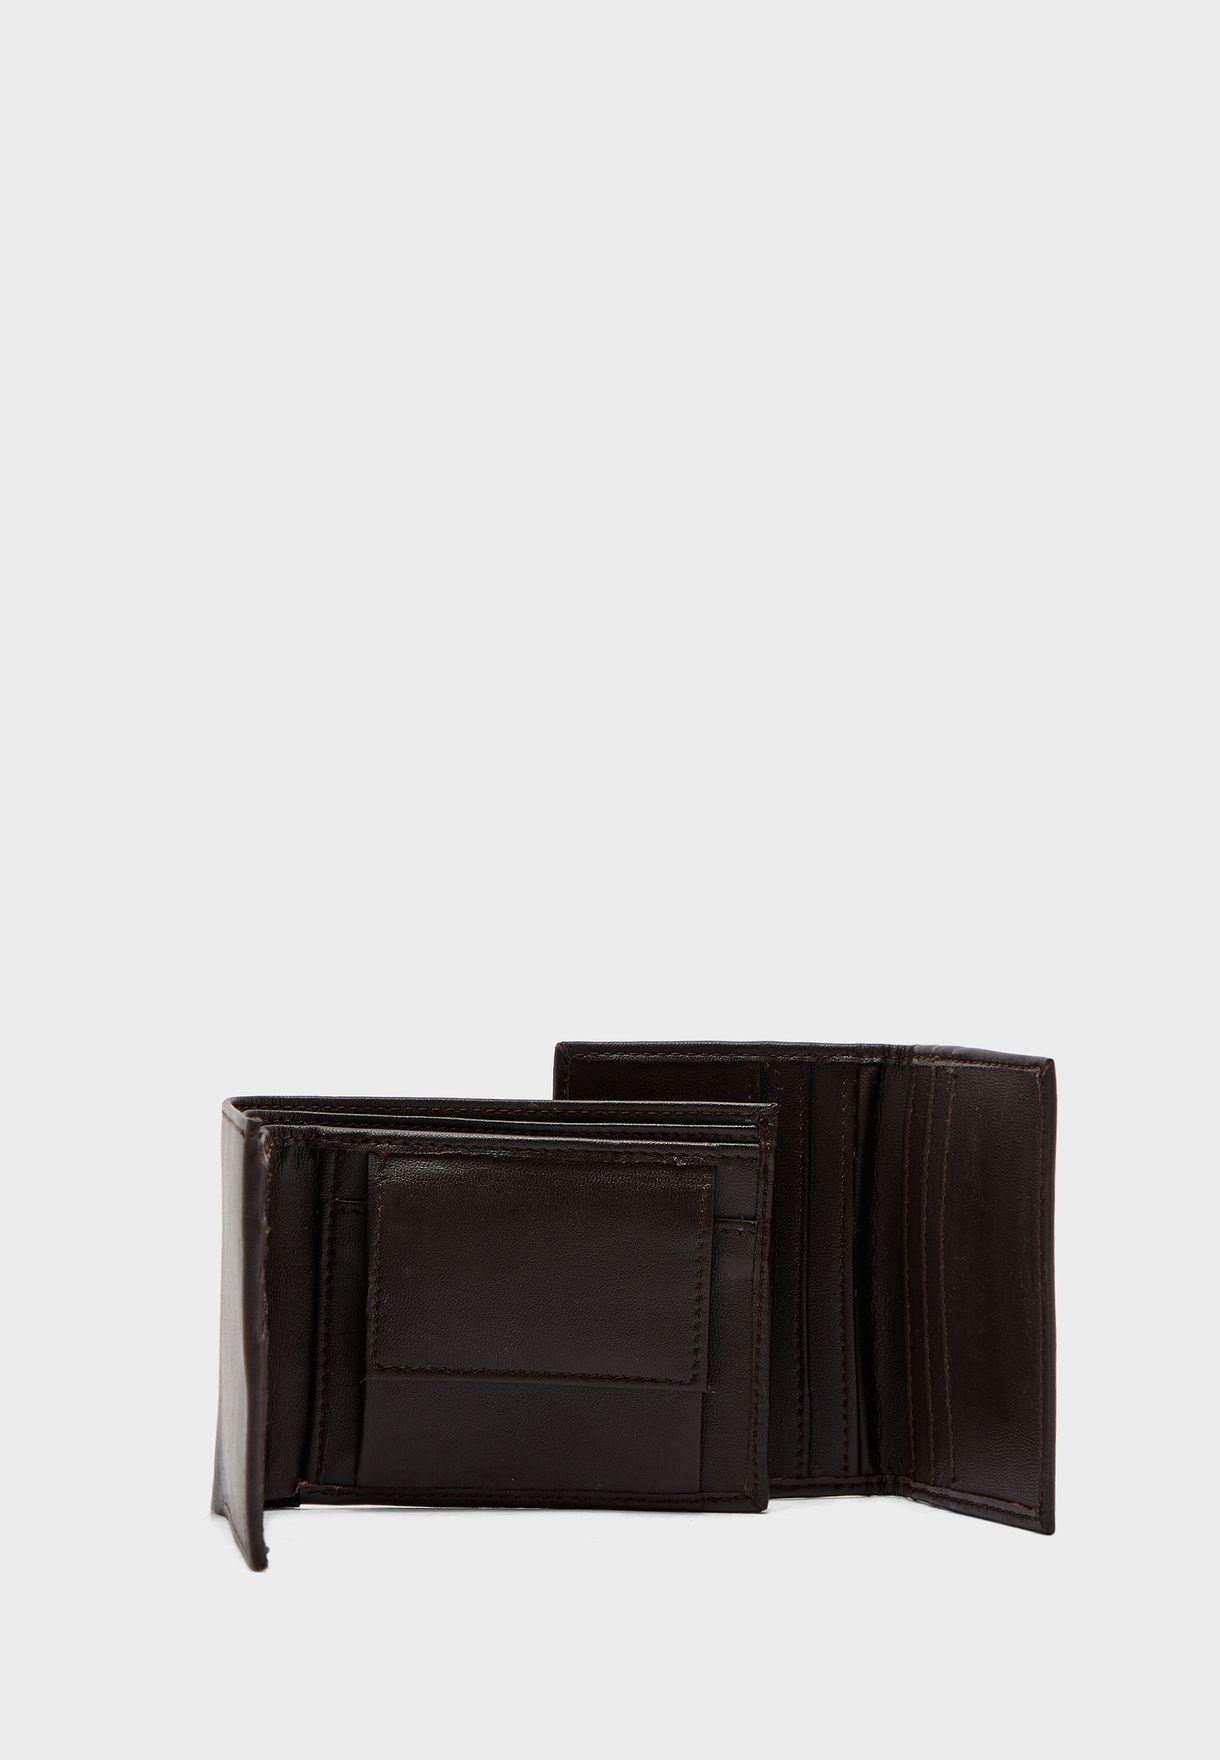 طقم هدايا 4 في 1 محفظة نقود ومحفظة بطاقات وسلسلة مفاتيح وحزام